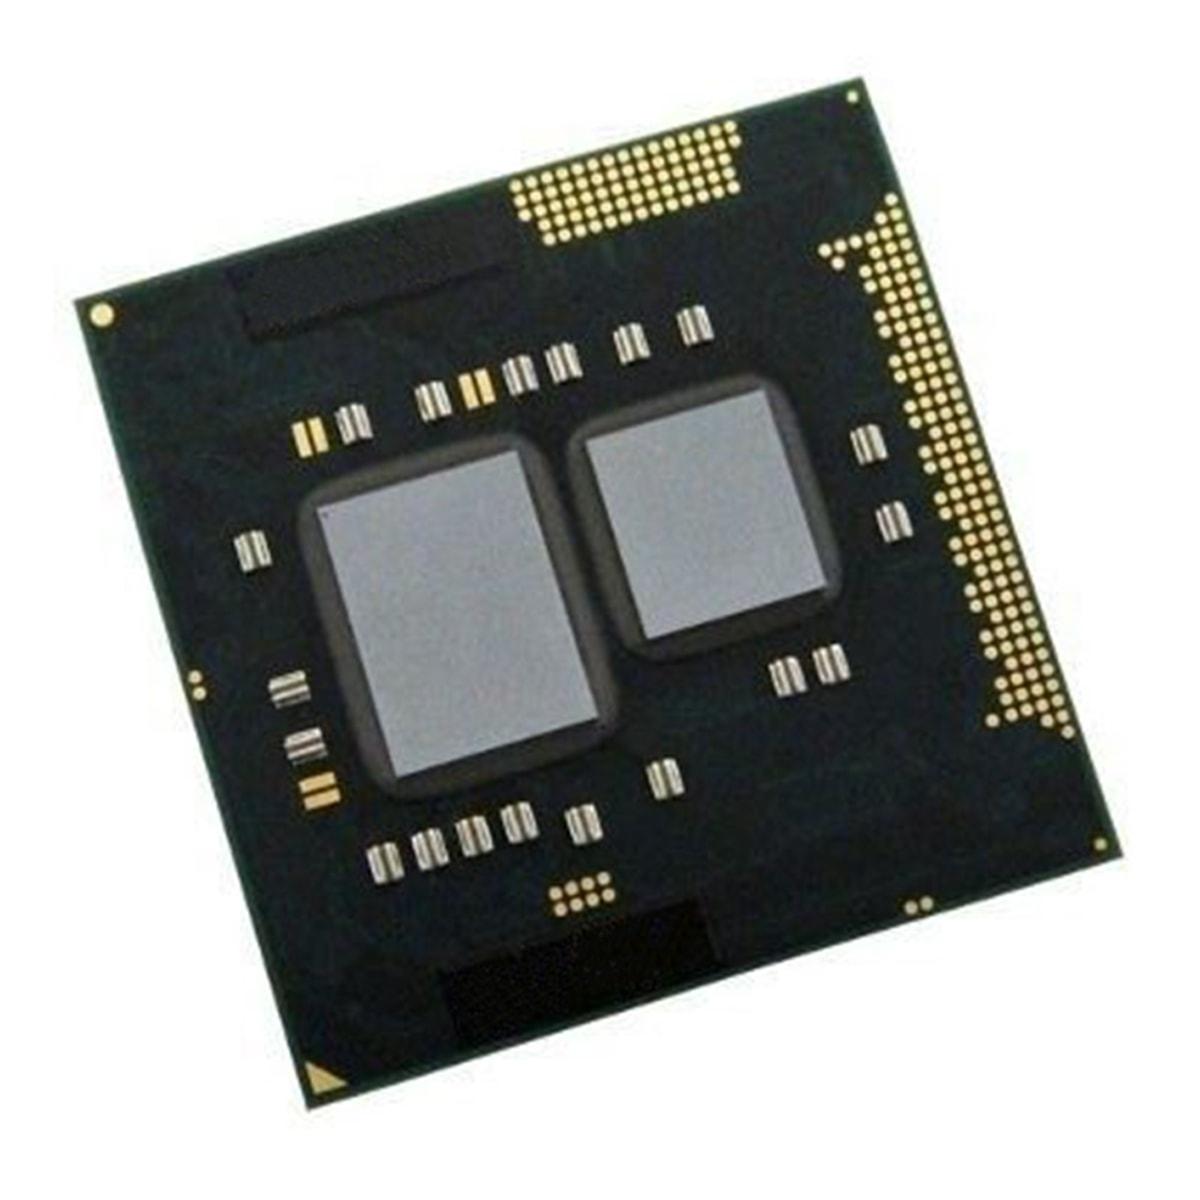 Processador Notebook AMD Athlon P320 512k Cache / 2.1 GHz / 1600MHz - Seminovo